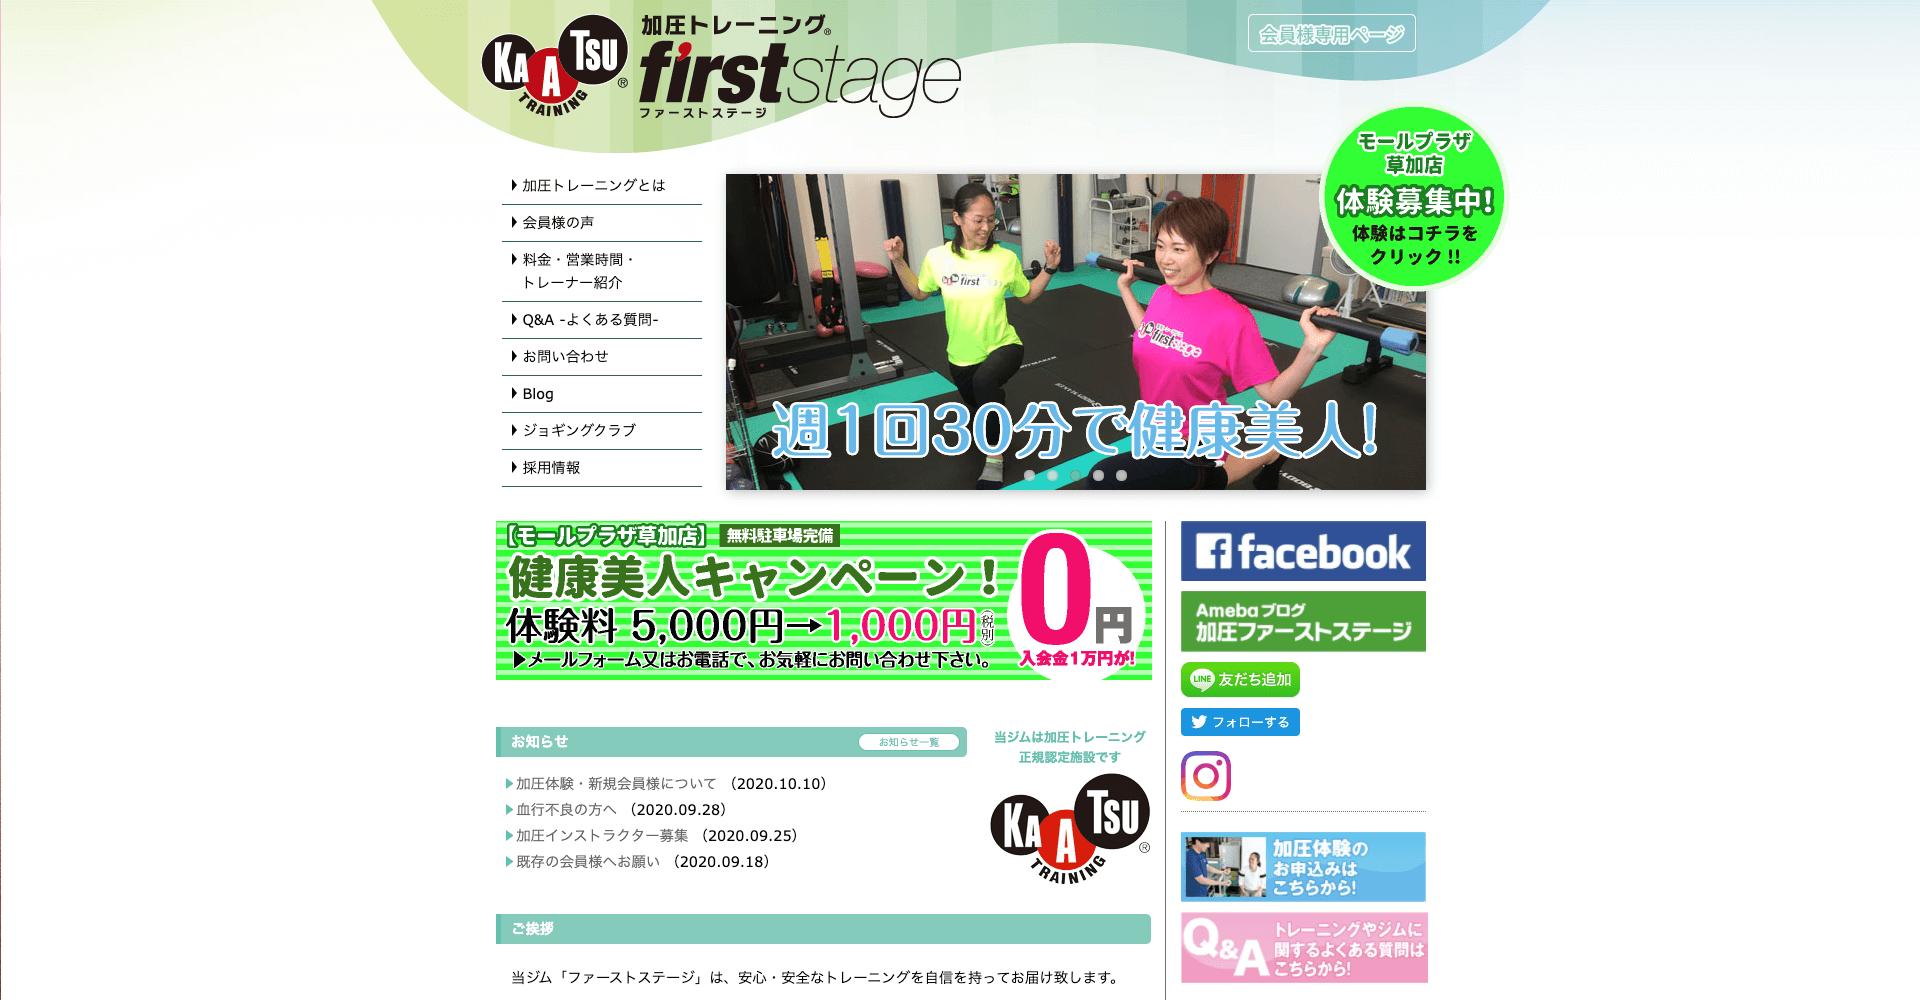 加圧トレーニング ファーストステージ 【モールプラザ草加店】